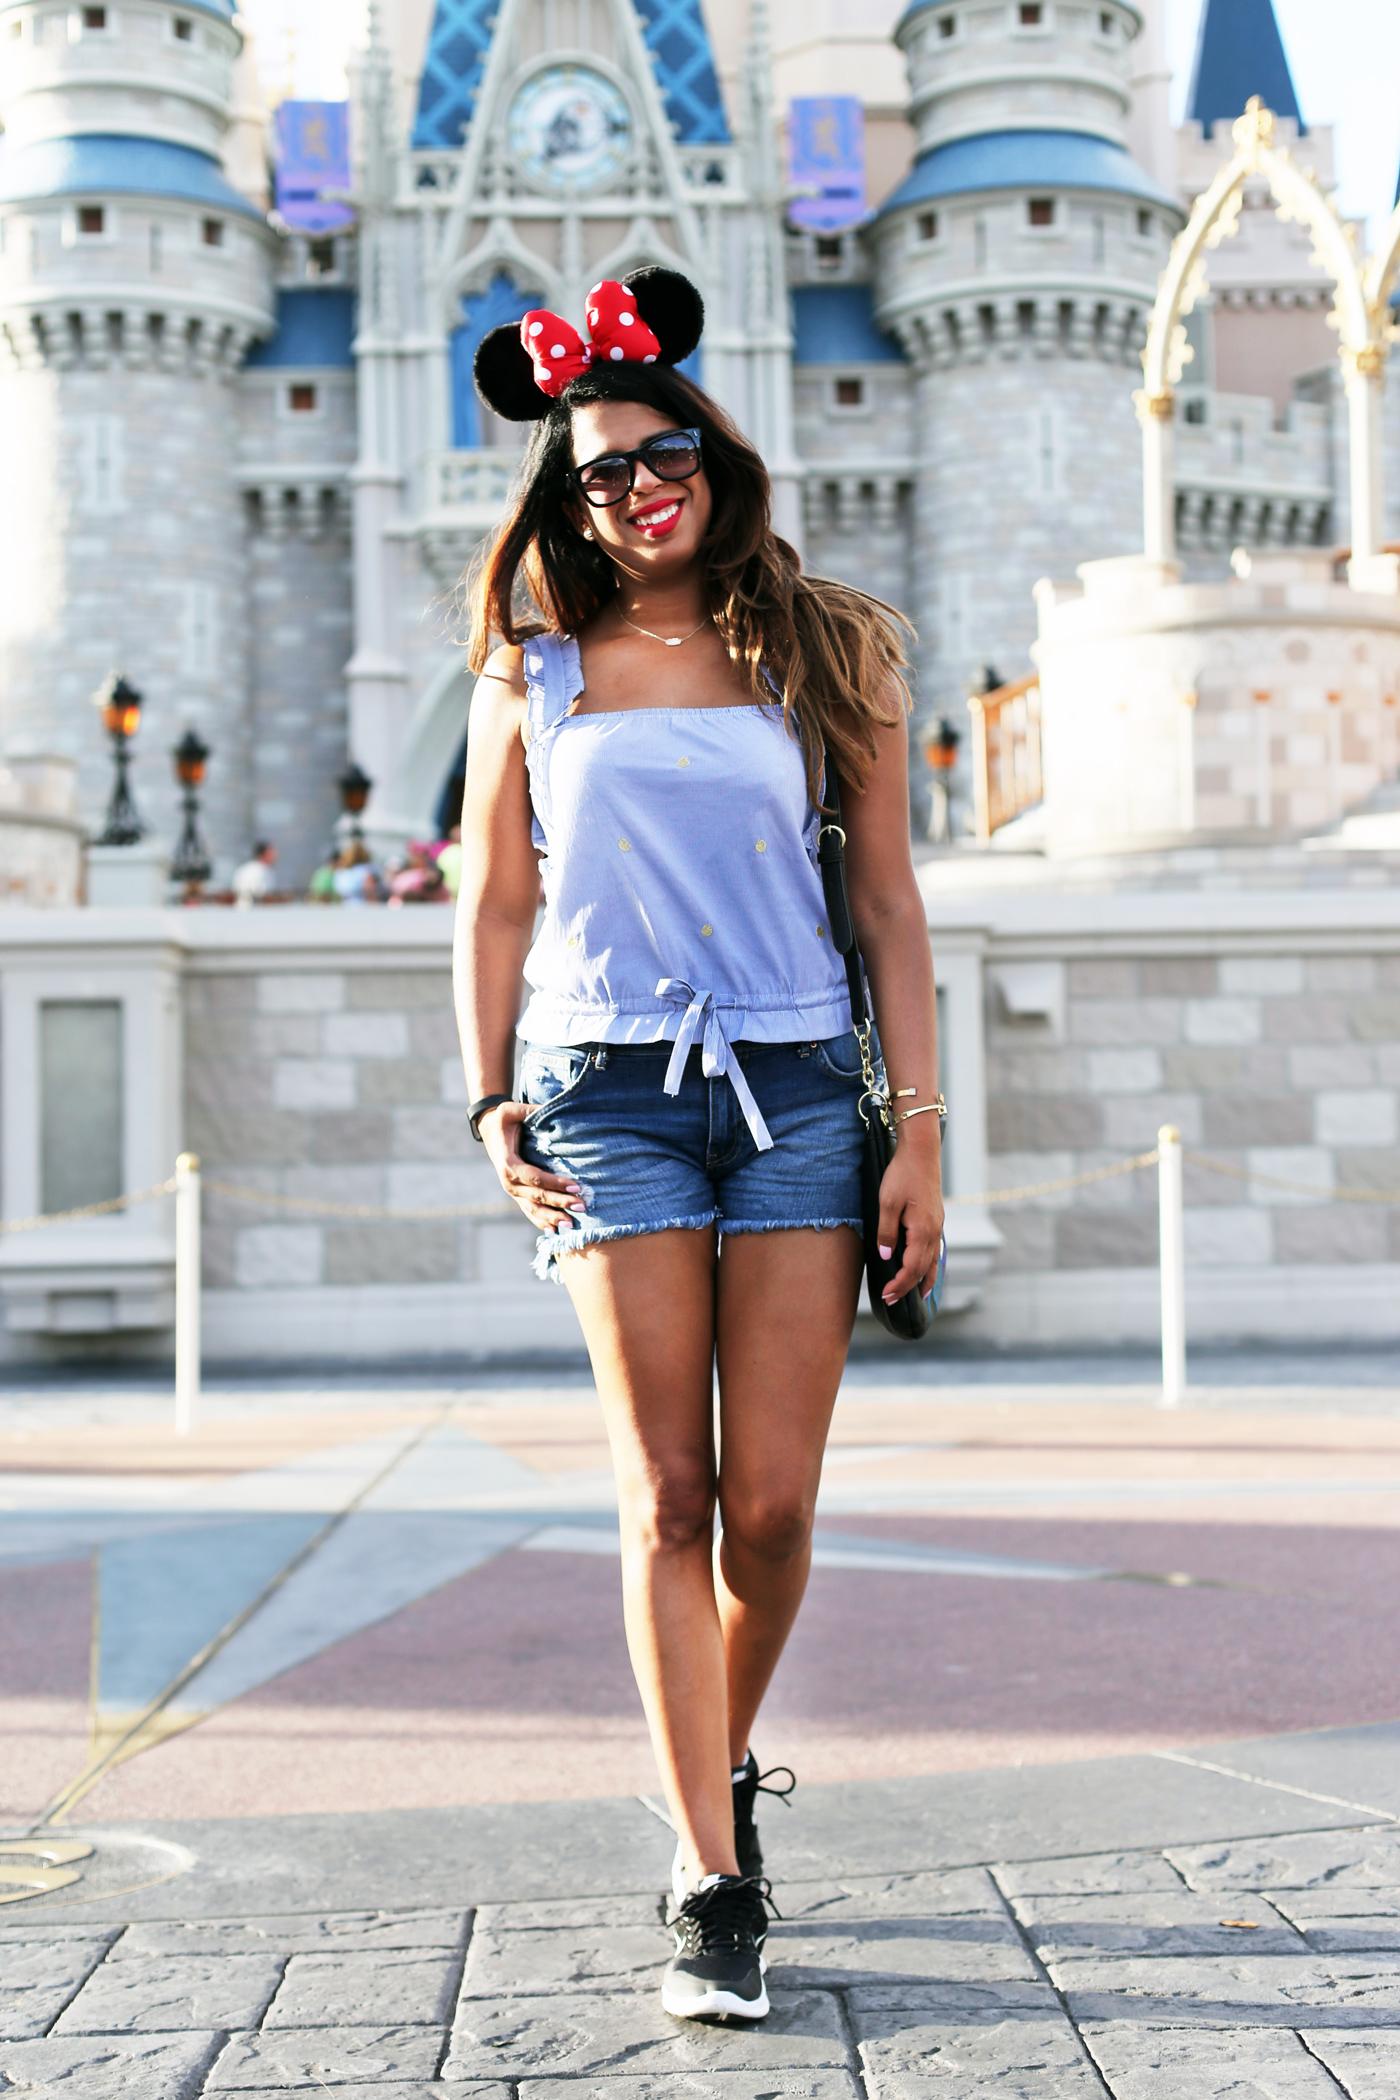 TAOS-Gissi-Disney-outfir-2-HM